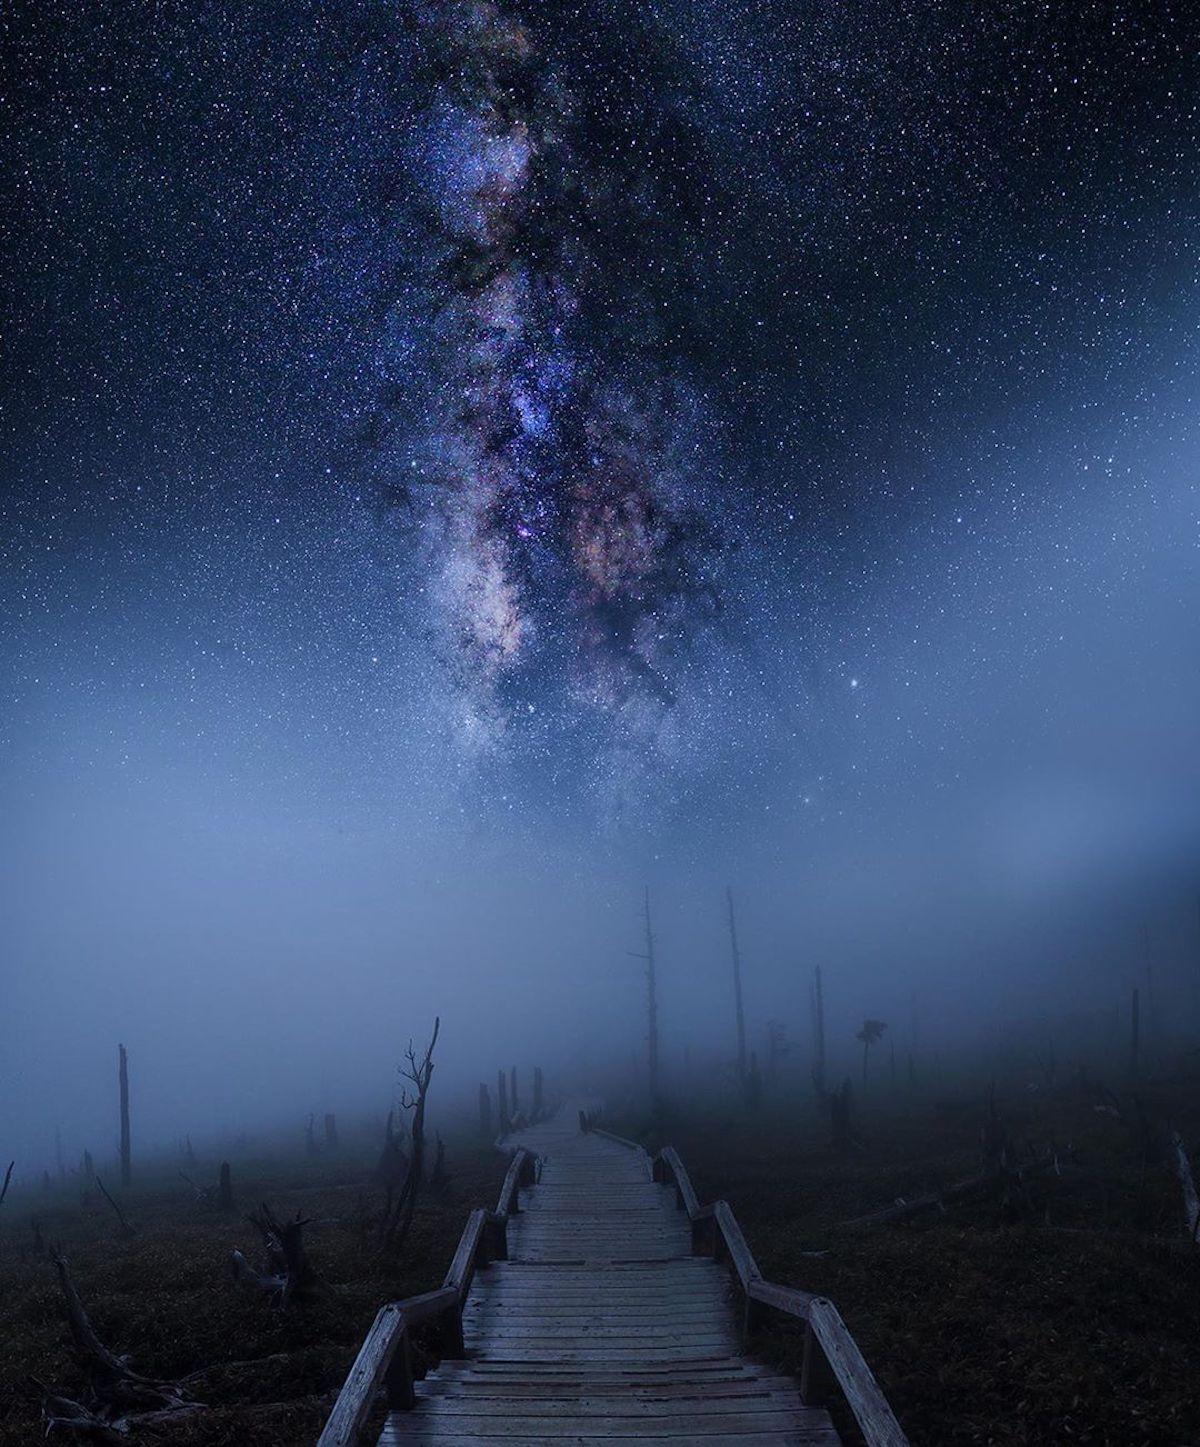 imagenes nocturnas por Nori Yuasa